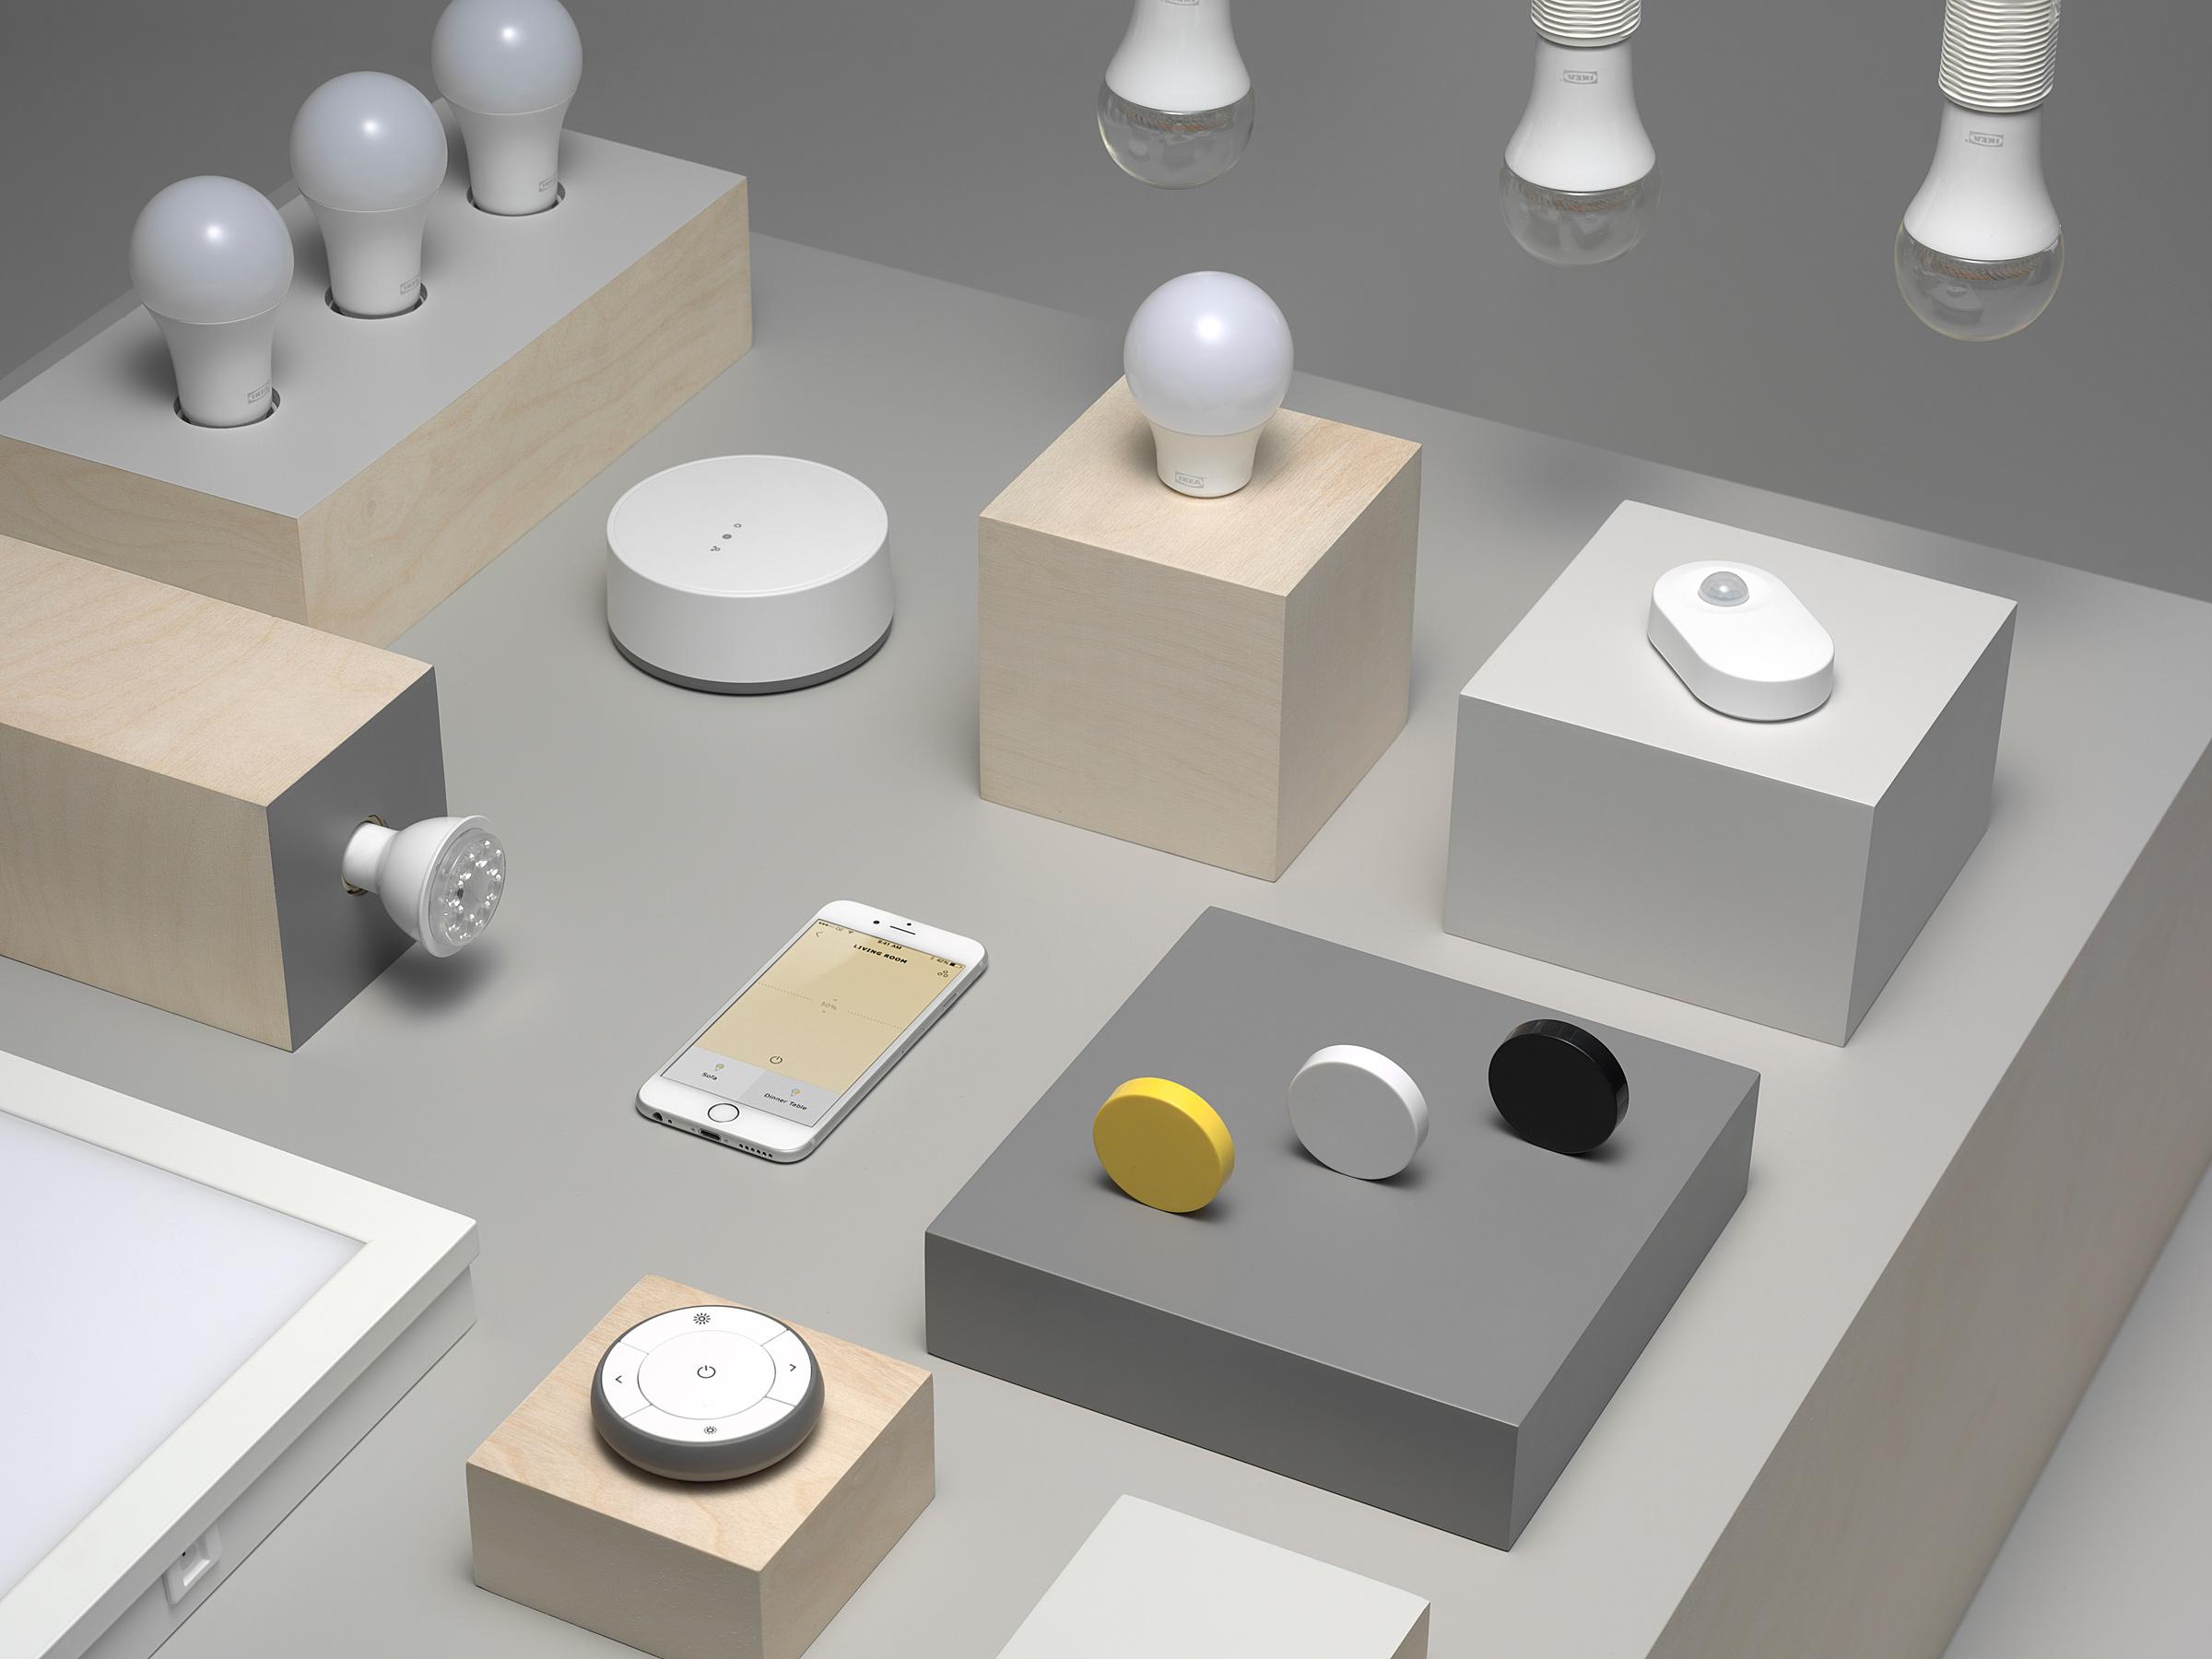 Ikea Trådfri : les ampoules connectées s'ouvrent à Google Home, HomeKit et Alexa